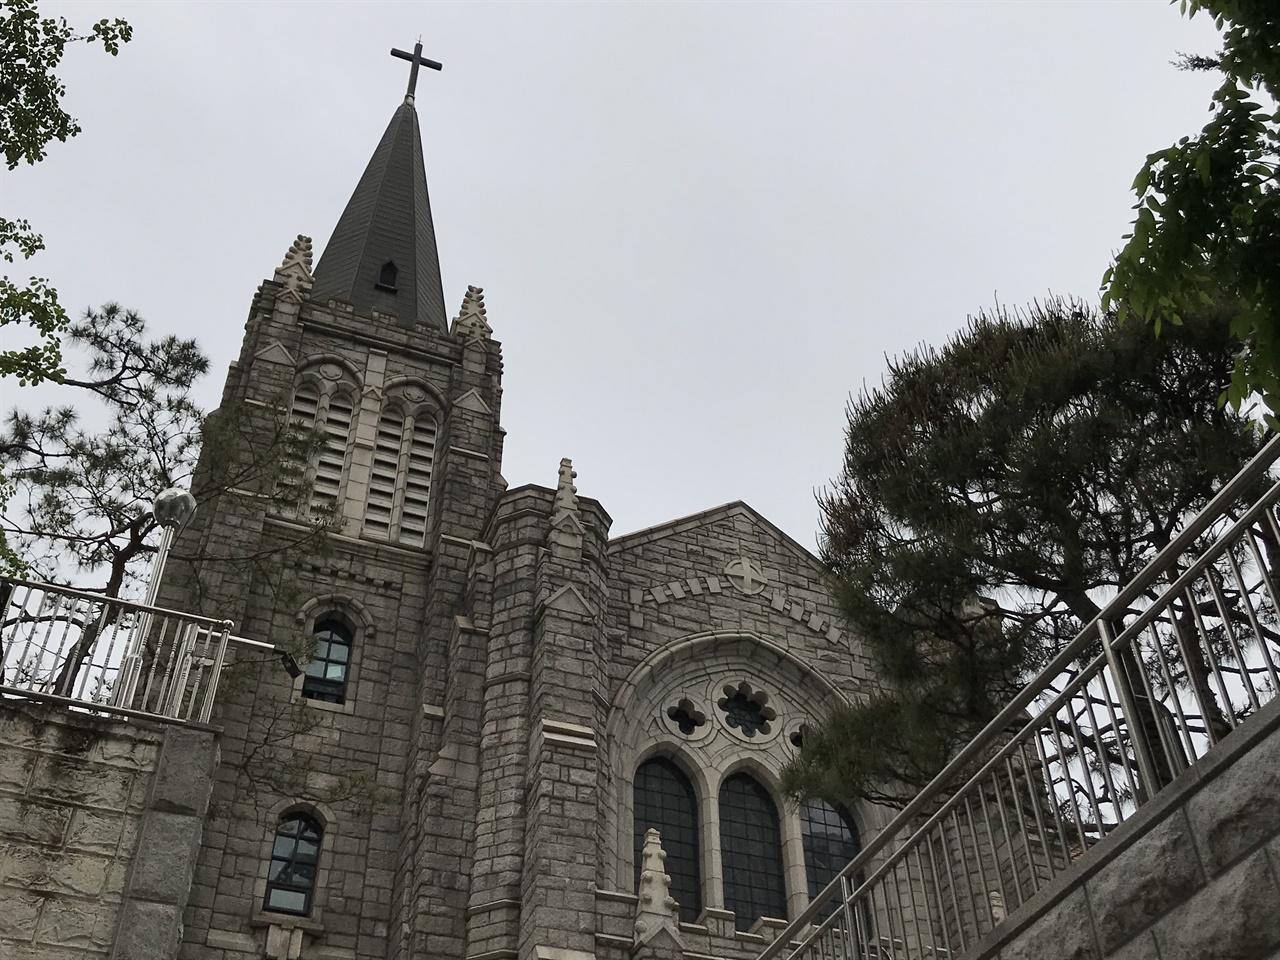 """영락교회 영락교회는 한국 최초의 대형교회로 꼽히는 곳이다. 영락교회를 일군 한경직 목사는 """"나는 자손들에게 남길 유산은 하나도 없다""""로 시작하는 유언을 남겼다. '청빈'과 '겸손'의 상징으로 한국 개신교단에서 가장 존경받는 목회자 중 하나다. 한경직 목사는 개신교 각 교파의 기자 125명을 대상으로 하는 설문조사에서 가장 존경하는 목회자로 꼽혔다. 1992년 종교계의 노벨상으로 꼽히는 존 템플턴 상(John Templeton Prize)를 받았다. '흠 없는 것이 흠'이라는 평을 들었지만, 1992년 6월 18일 존 템플턴 상 수상 축하 예배 자리에서 일제강점기 신사참배를 했다는 발언을 하기도 했다."""